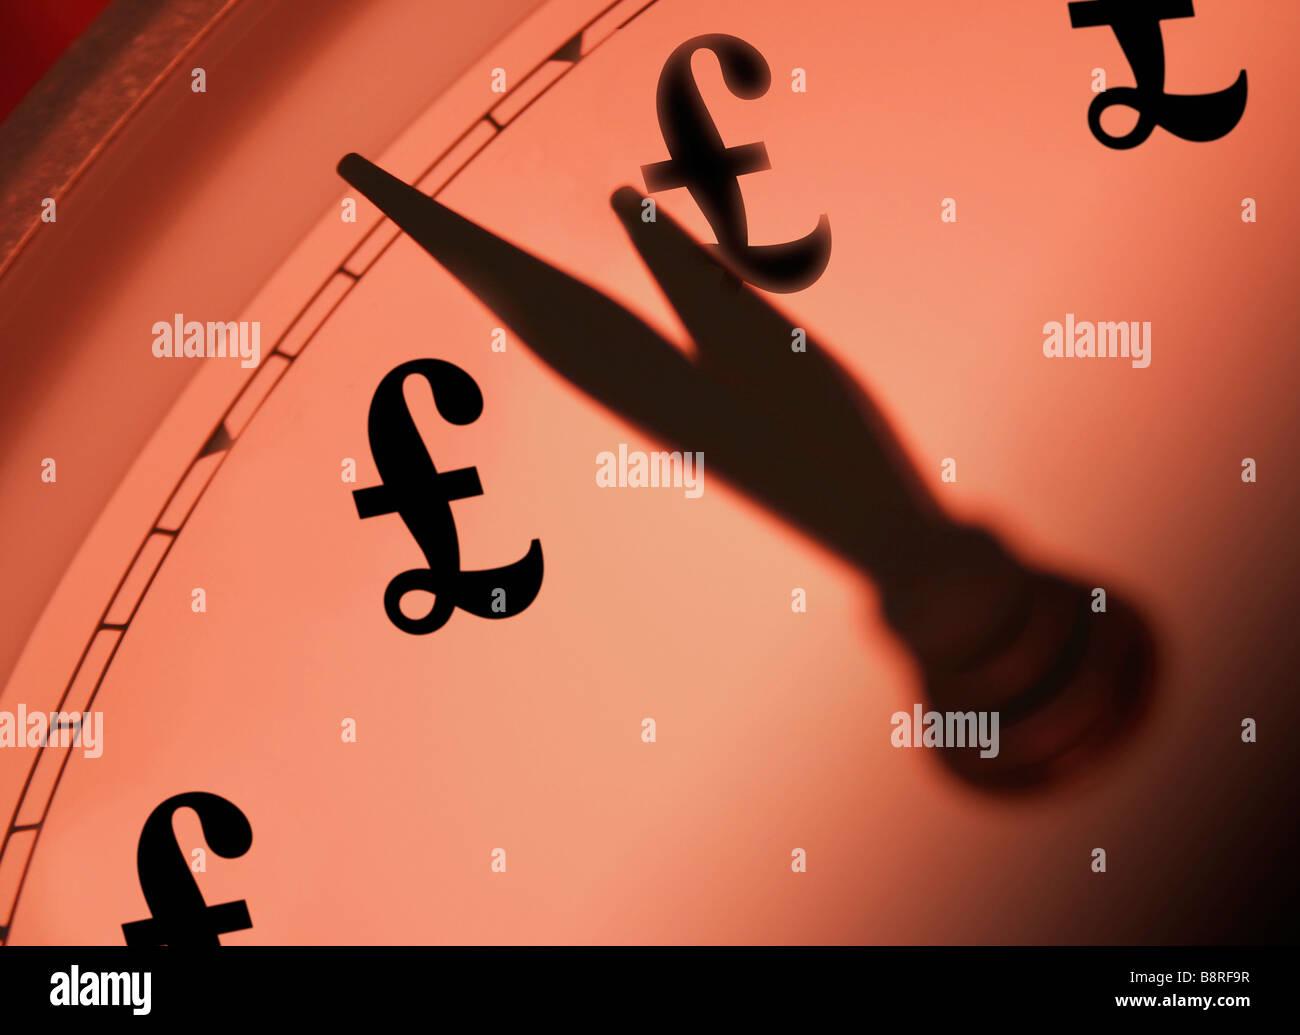 Concepto de tiempo y dinero Imagen De Stock